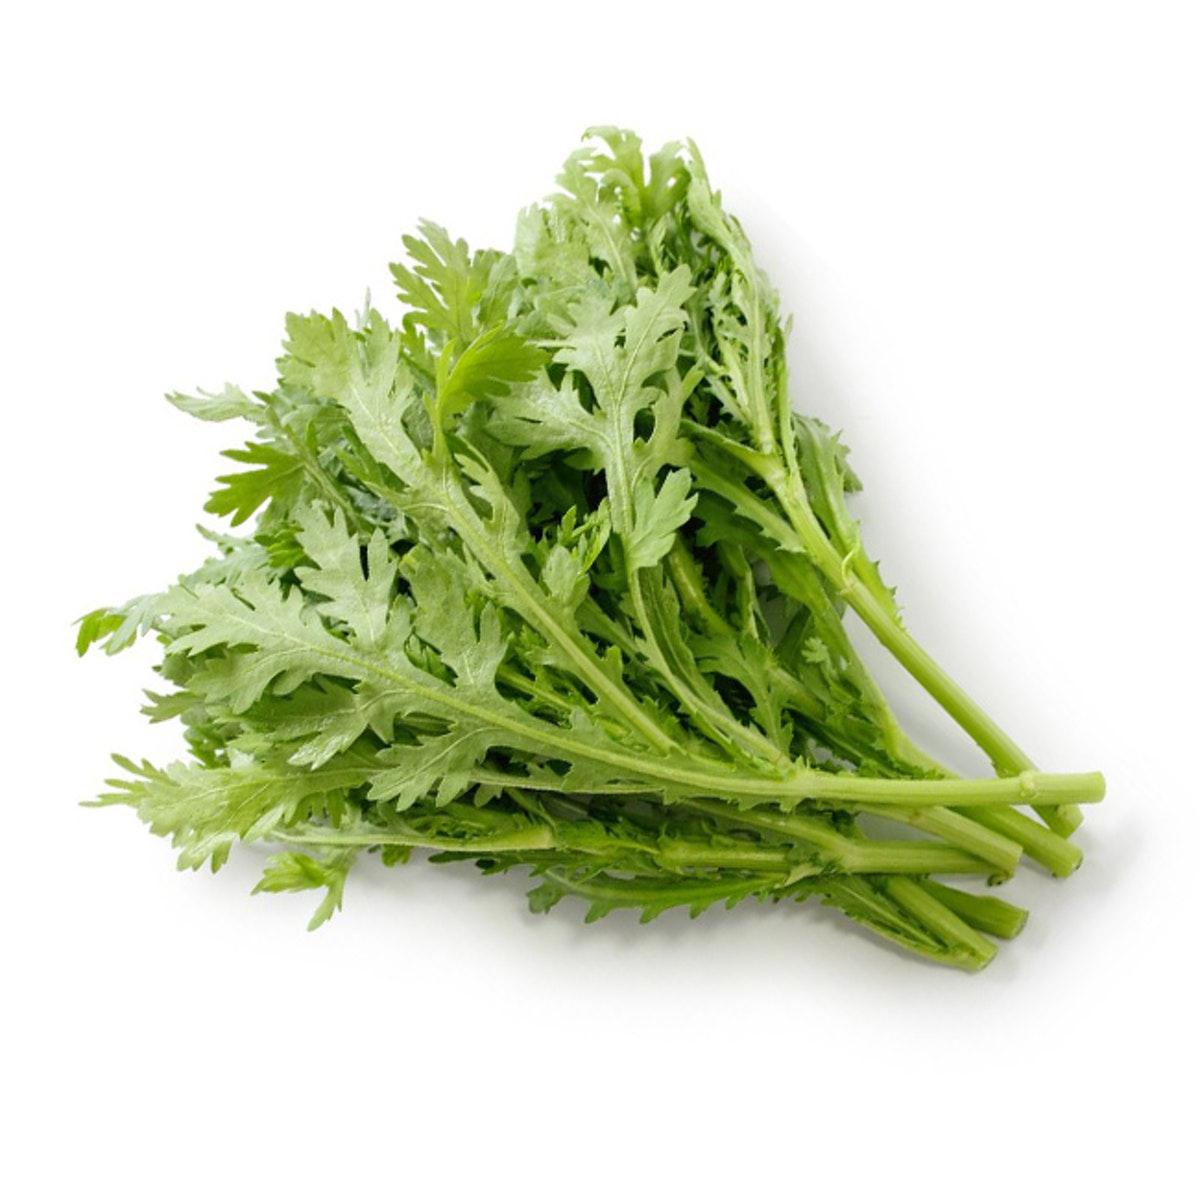 Crown-daisy-leafy-greens